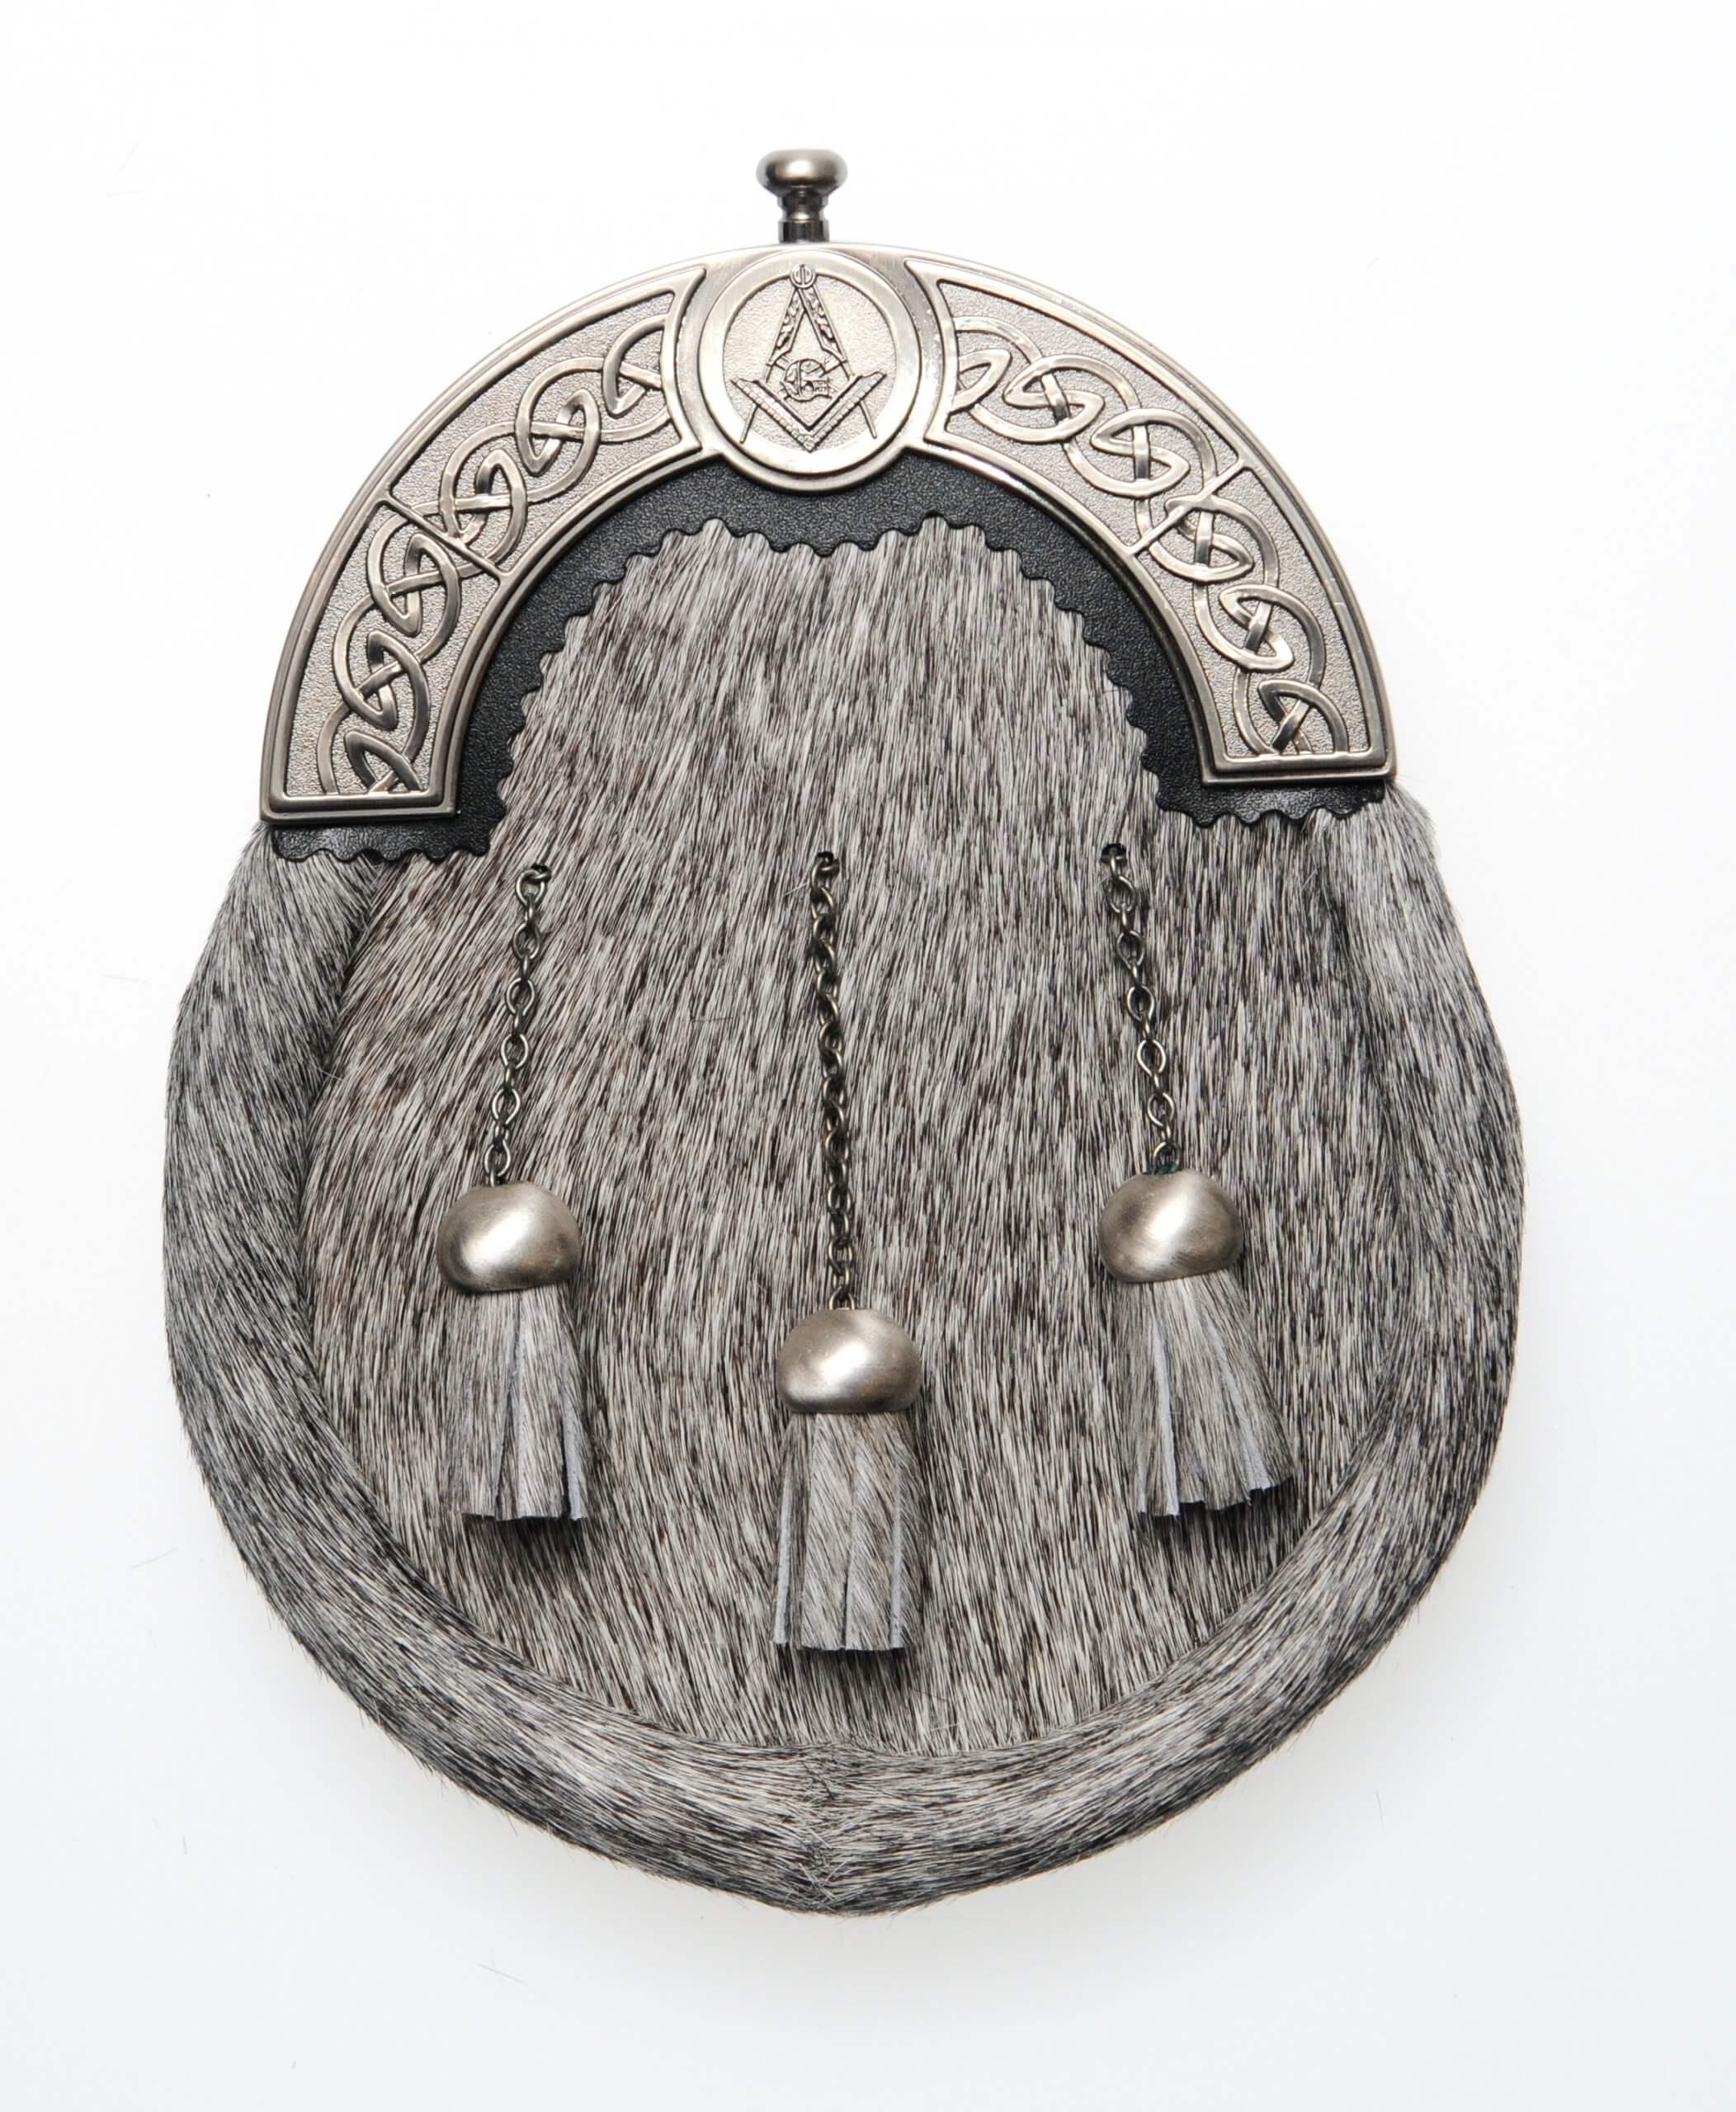 WES1 Masonic Antique